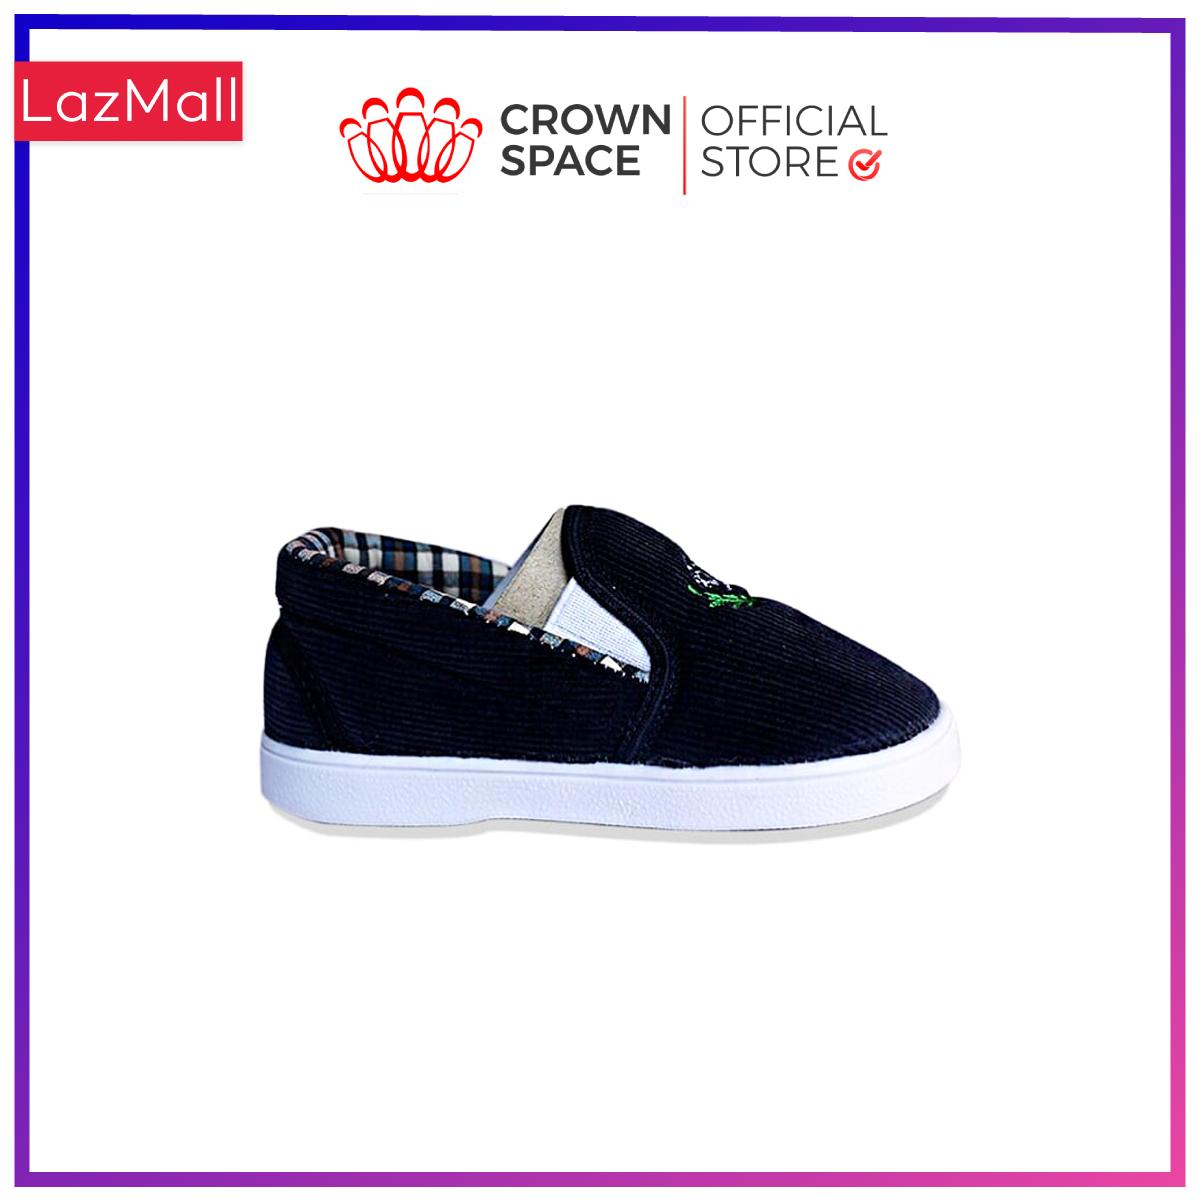 Giày Vải Tập Đi Cho Bé Trai Bé Gái Đẹp Crown UK Royale Baby Walking Shoes Cao Cấp 032822 Nhẹ Êm Size 3-6/1-3 Tuổi